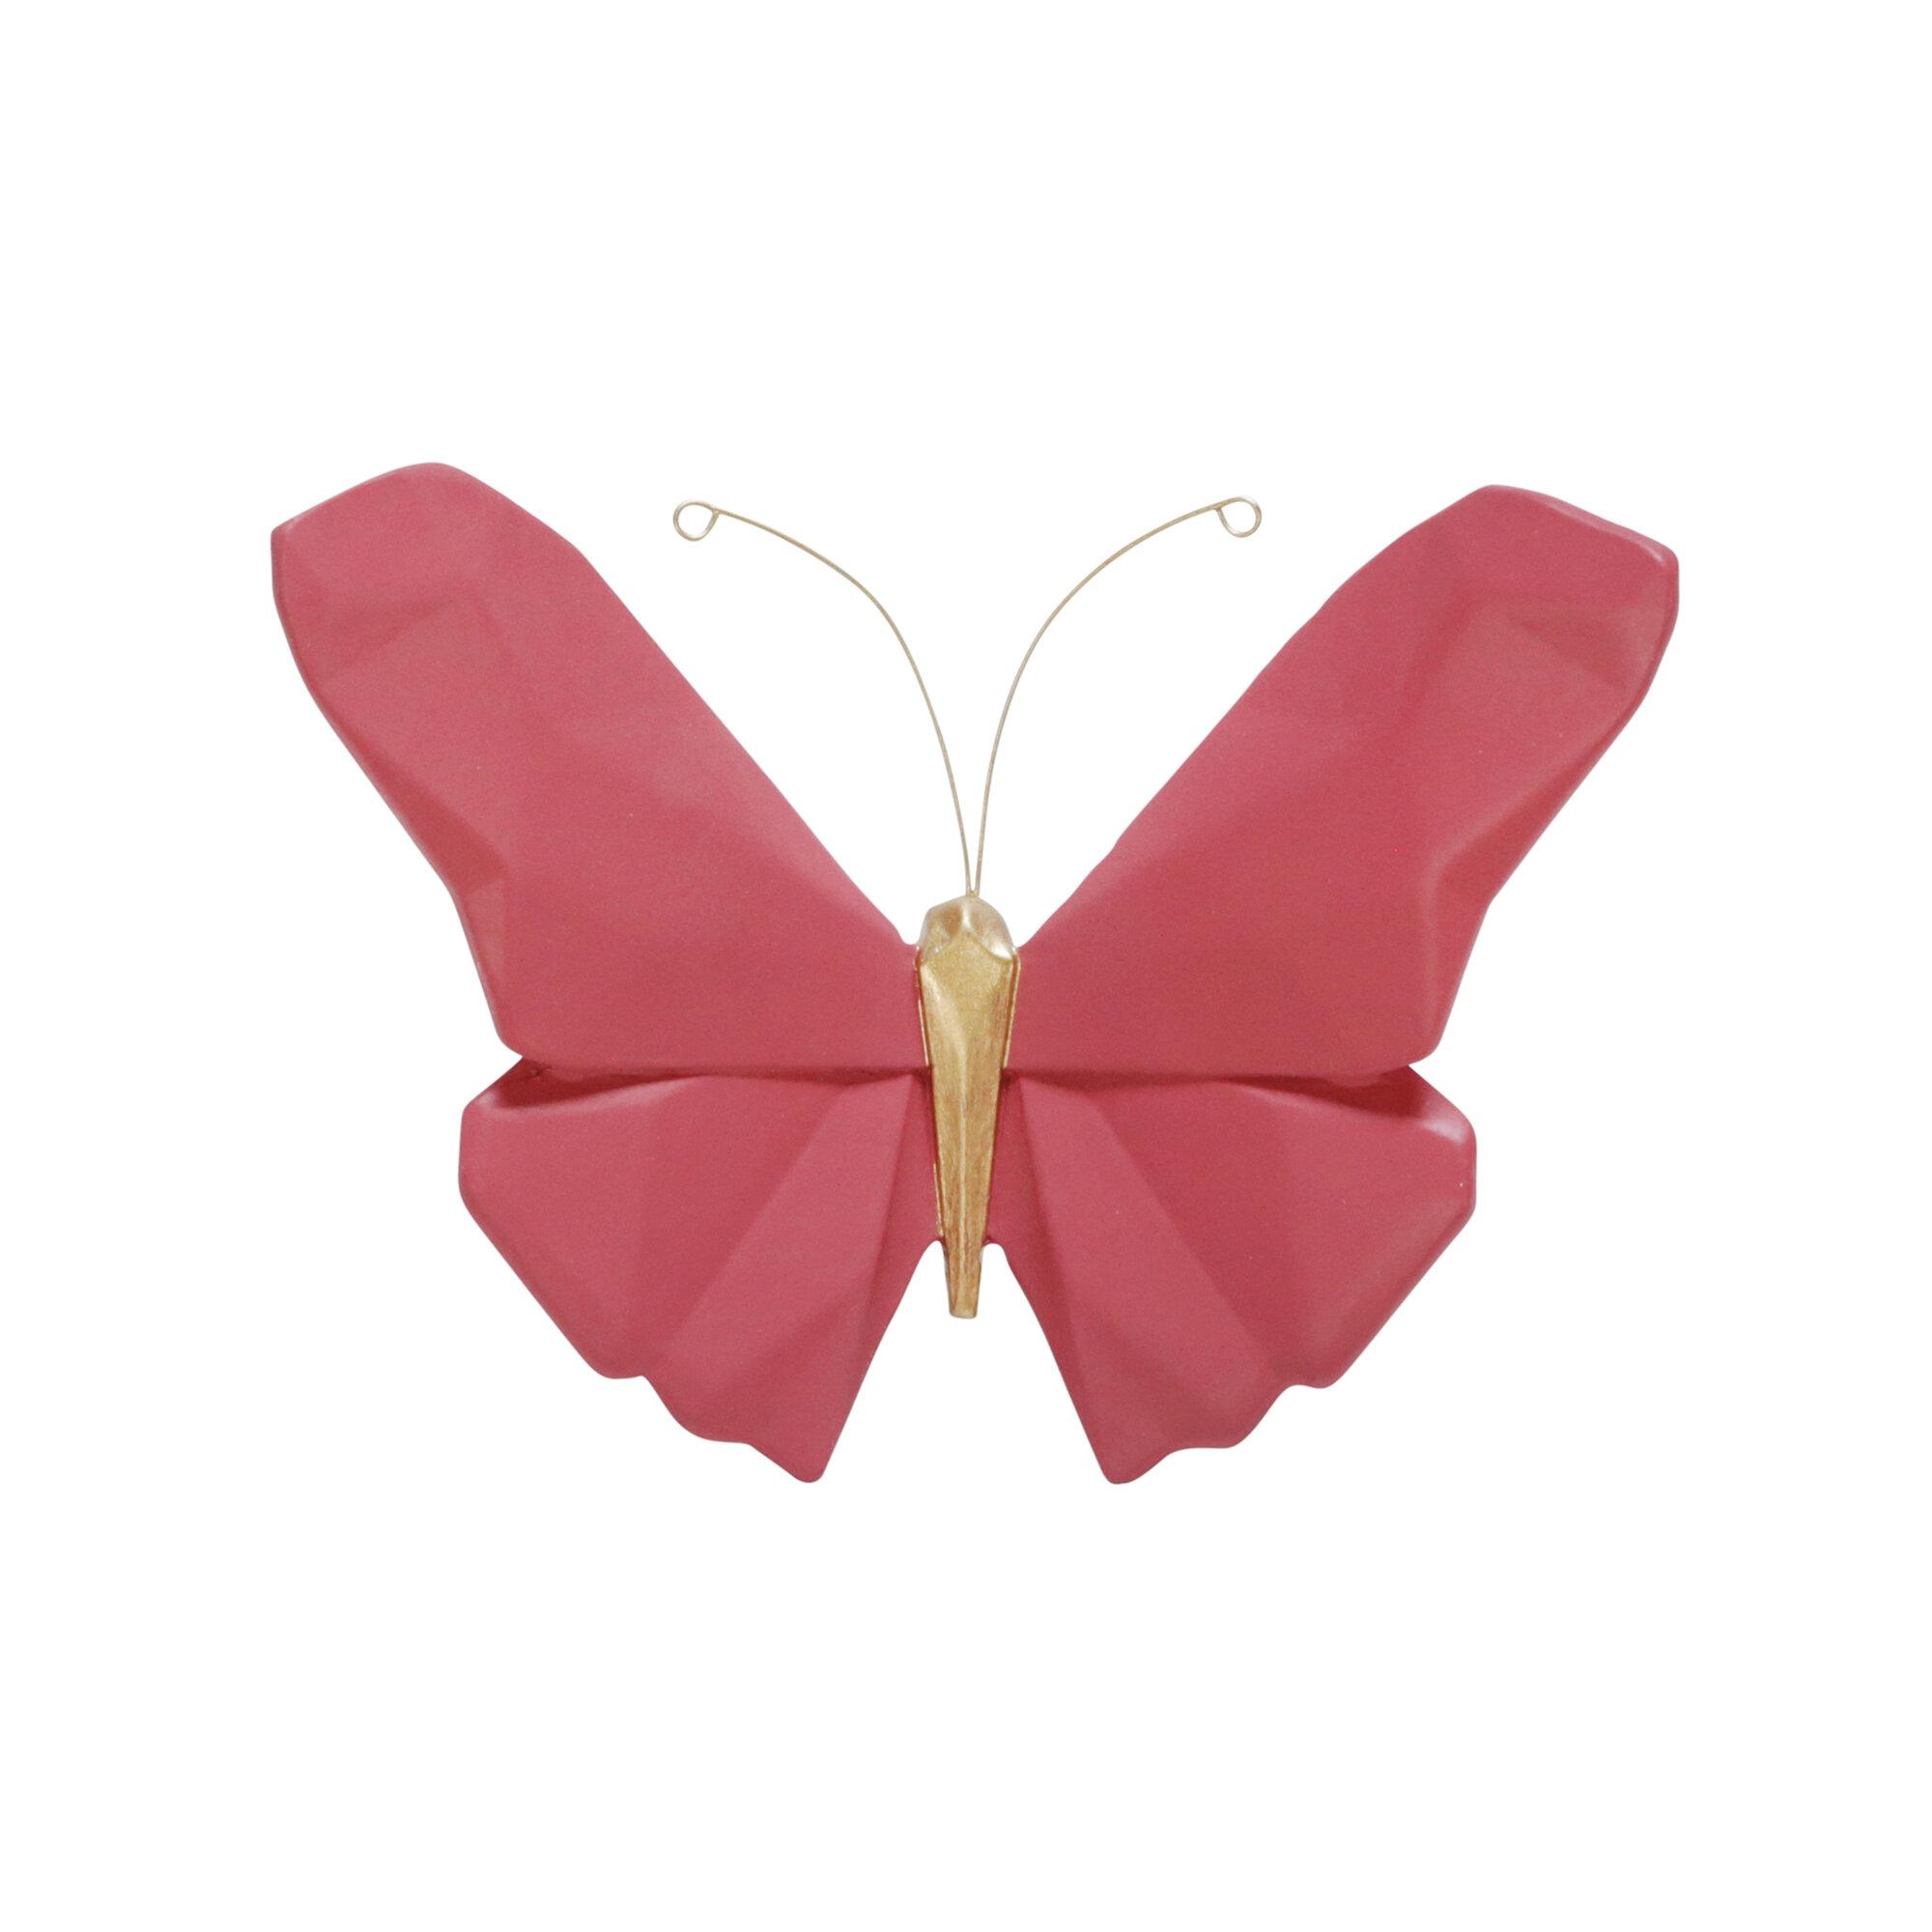 Butterflies are in my heart | Butterfly wall art, Diy wall art ... | 2000x2000